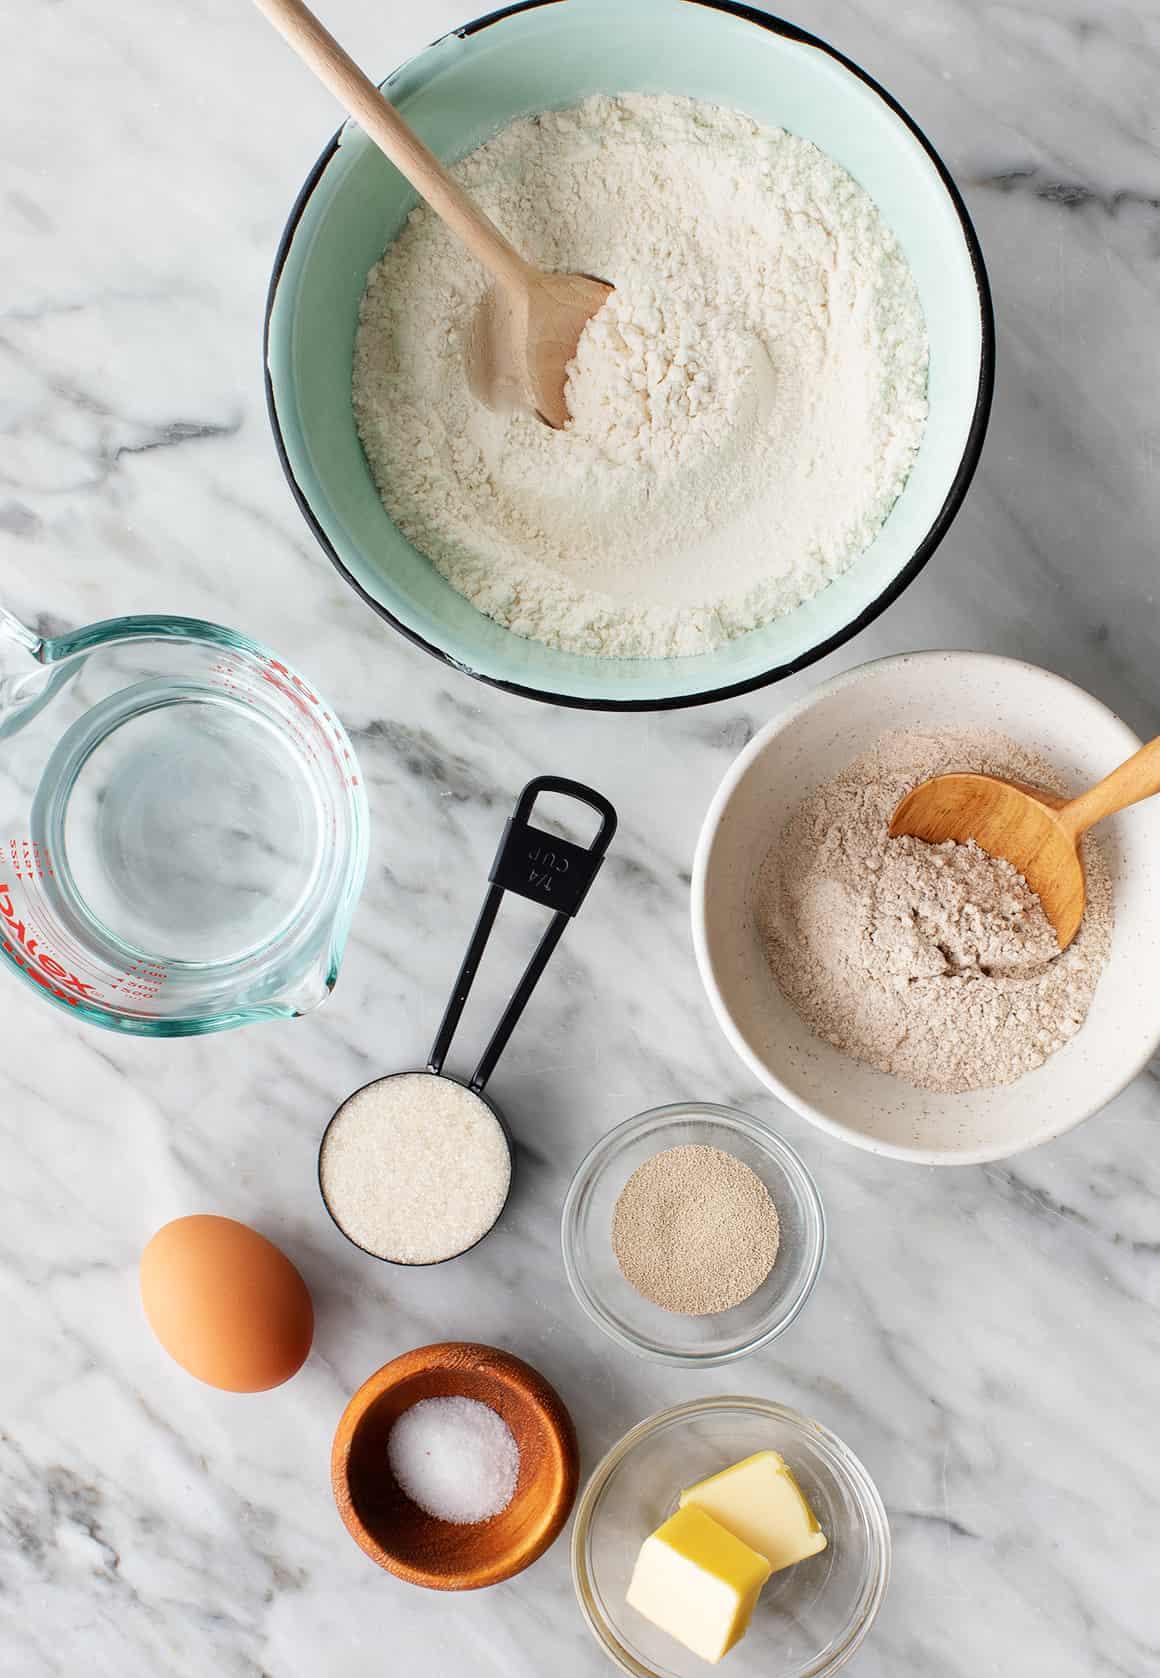 Hamburger bun recipe ingredients